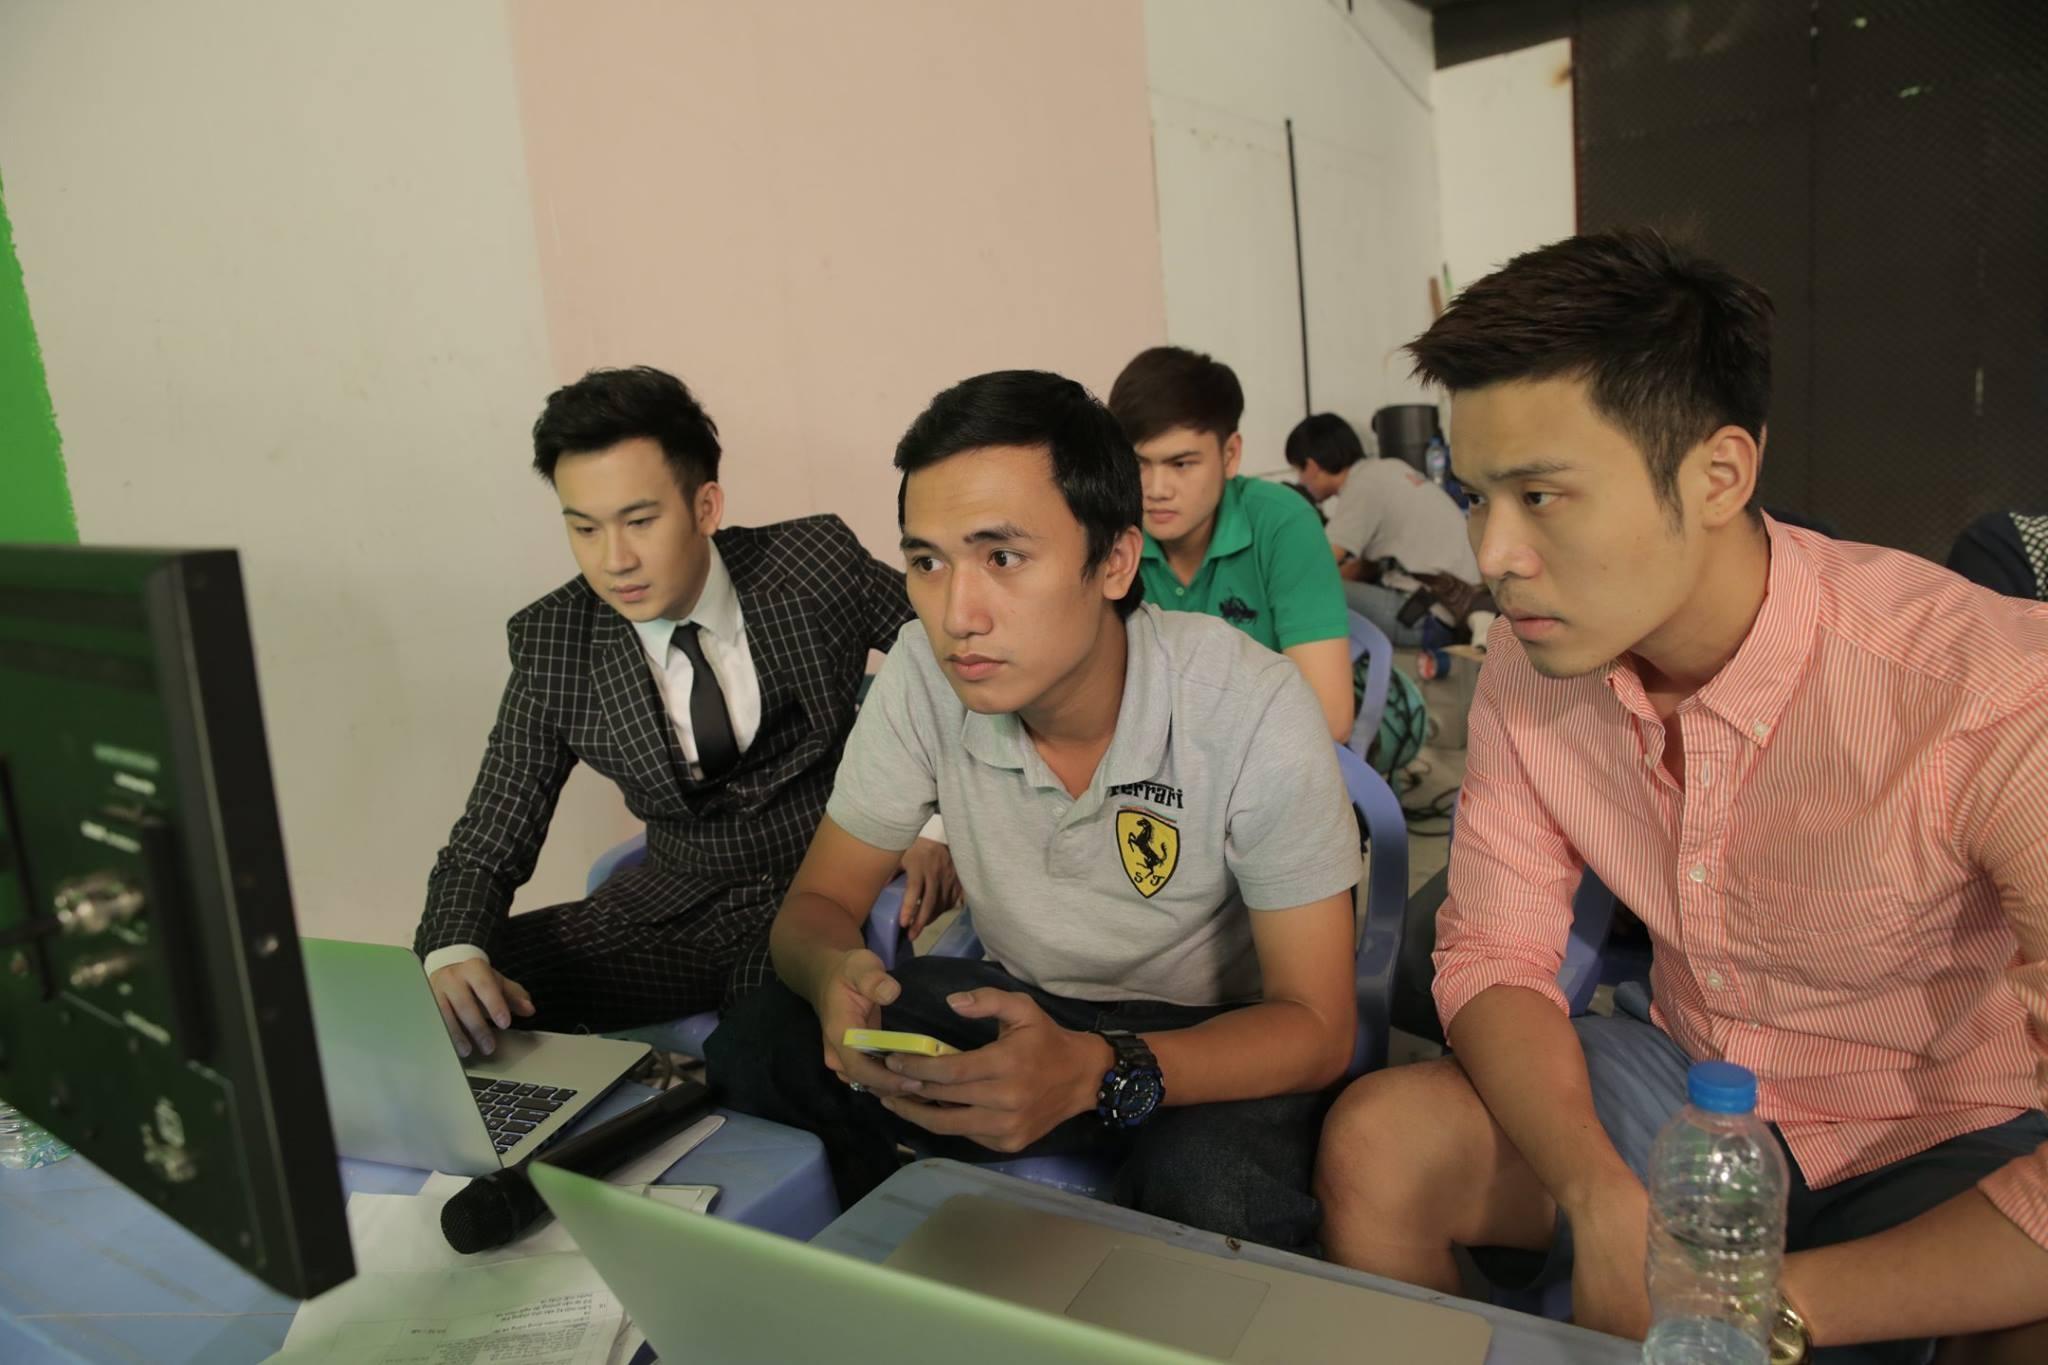 Đạo diễn Nguyễn Chung (giữa) cùng Dương Triệu Vũ và producer Lâm Thành Kim - Tin sao Viet - Tin tuc sao Viet - Scandal sao Viet - Tin tuc cua Sao - Tin cua Sao